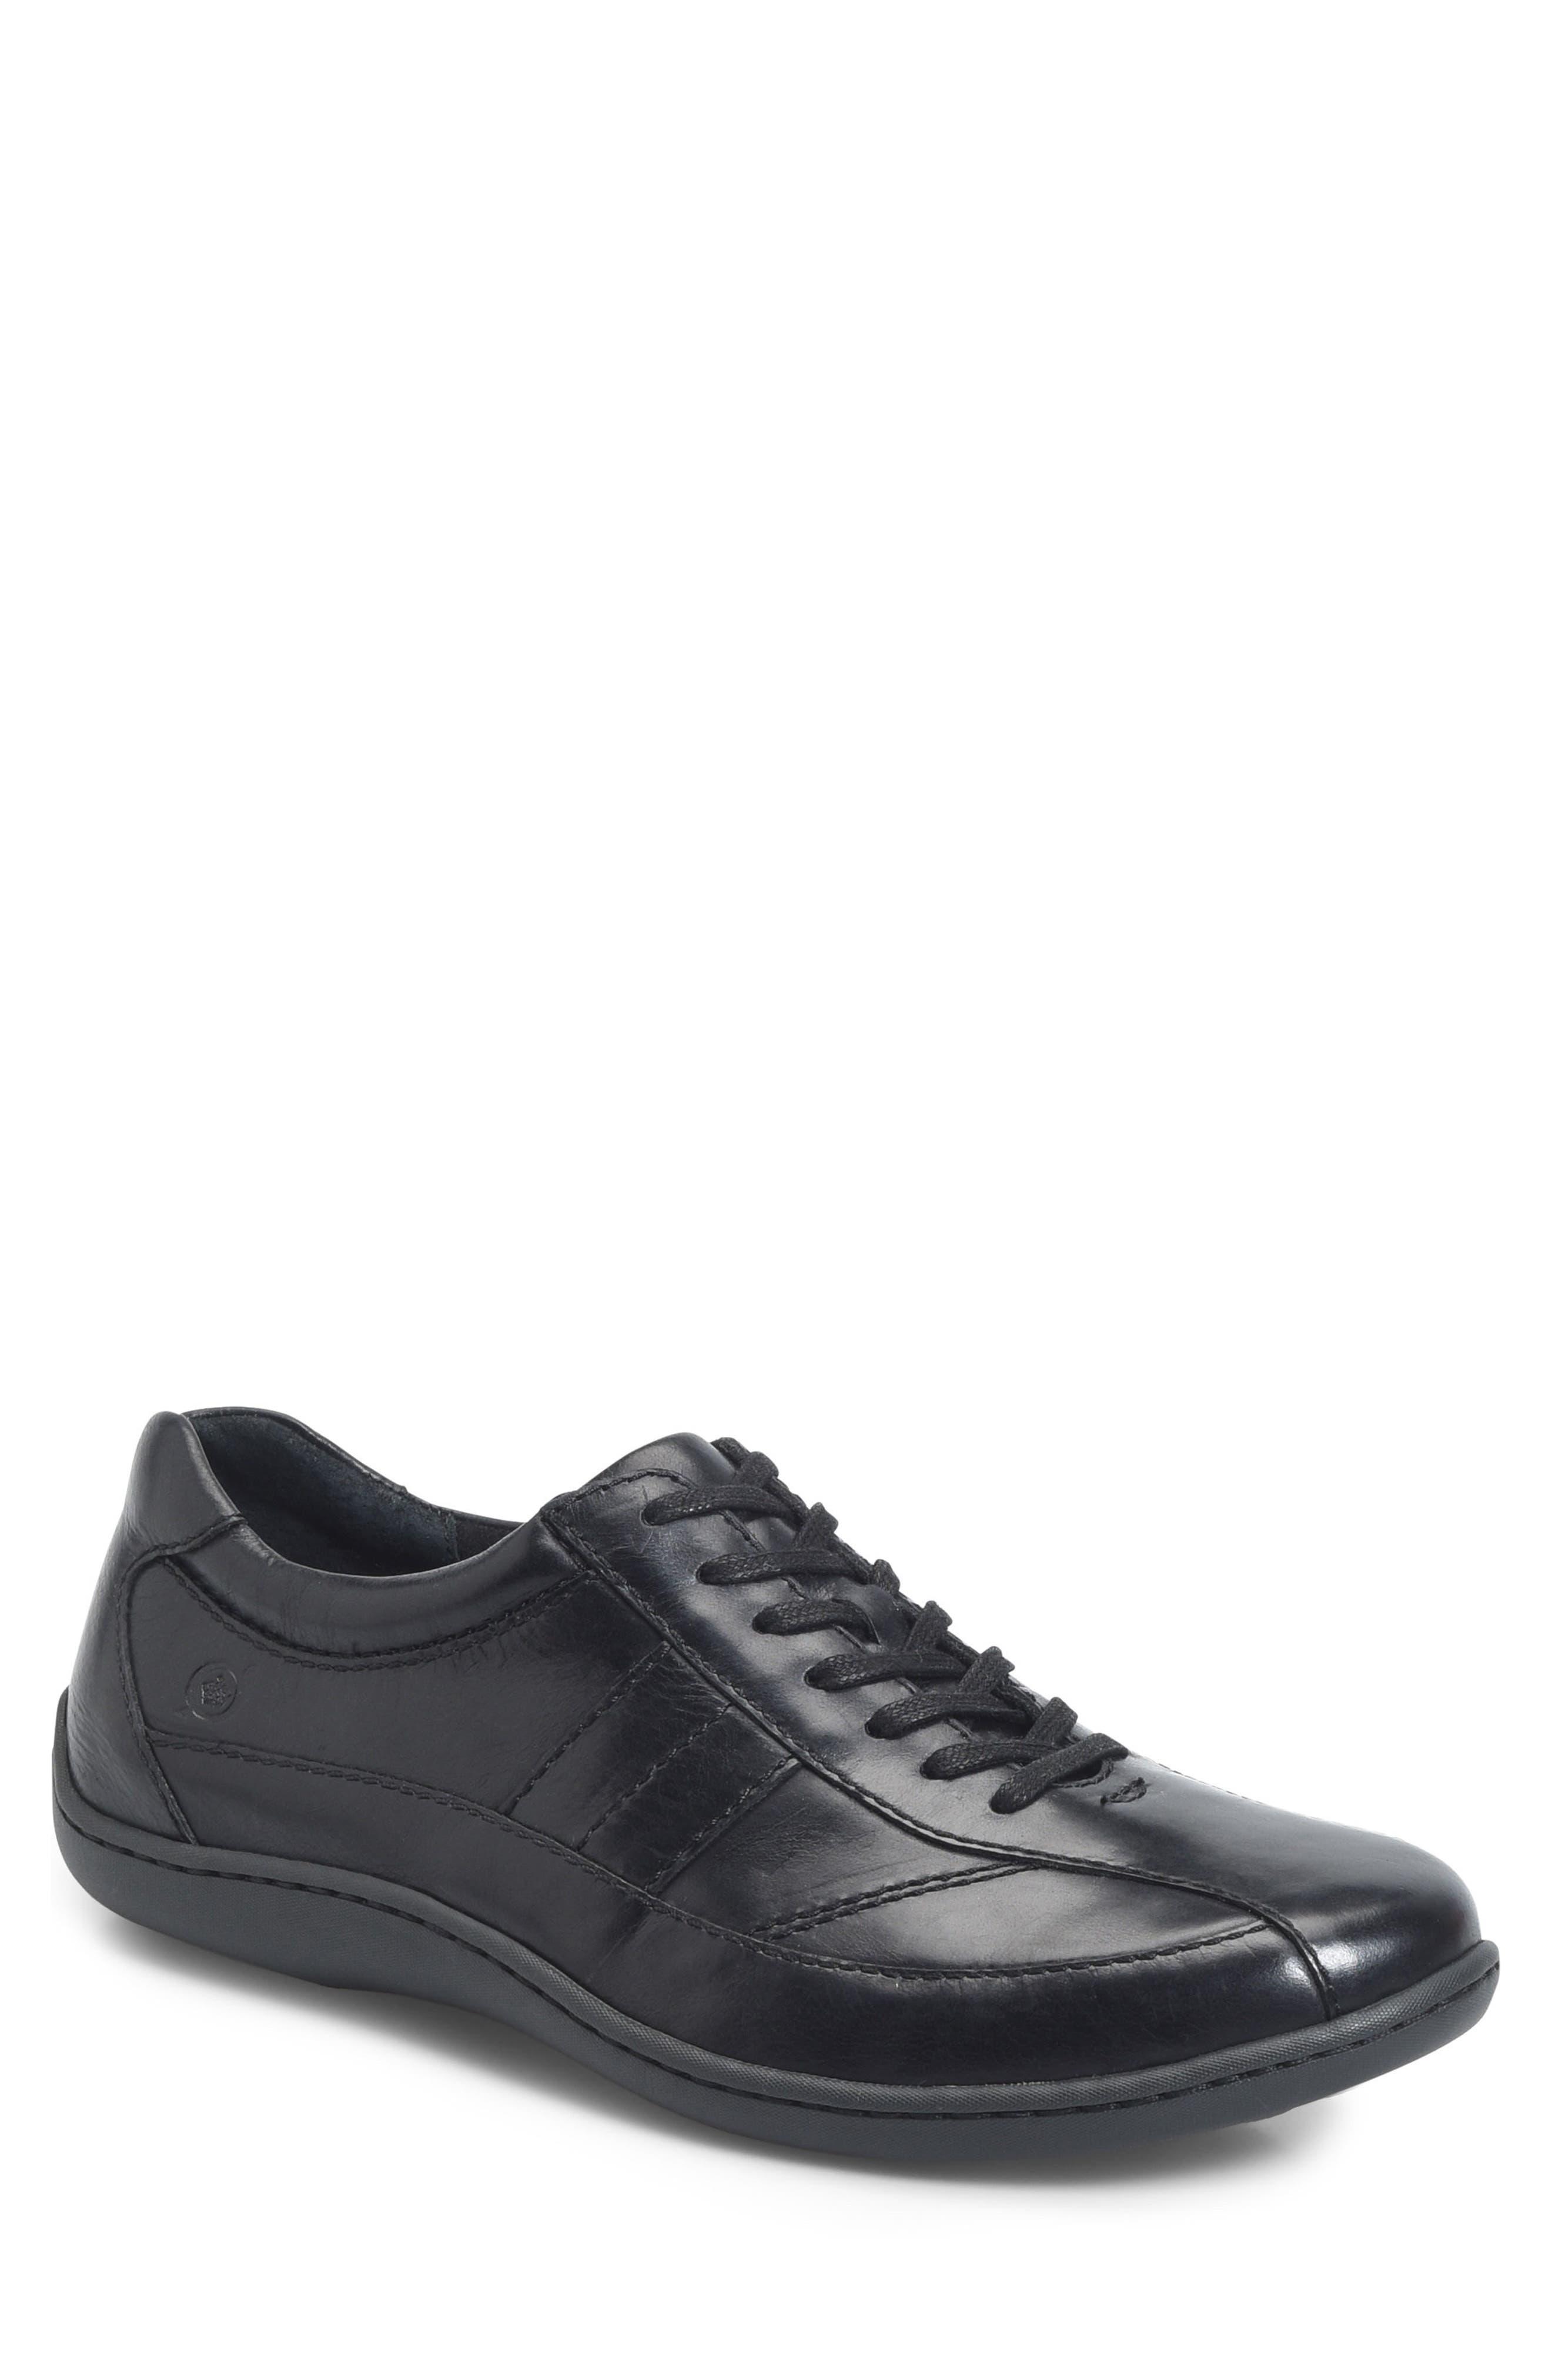 Breves Low Top Sneaker,                         Main,                         color, BLACK